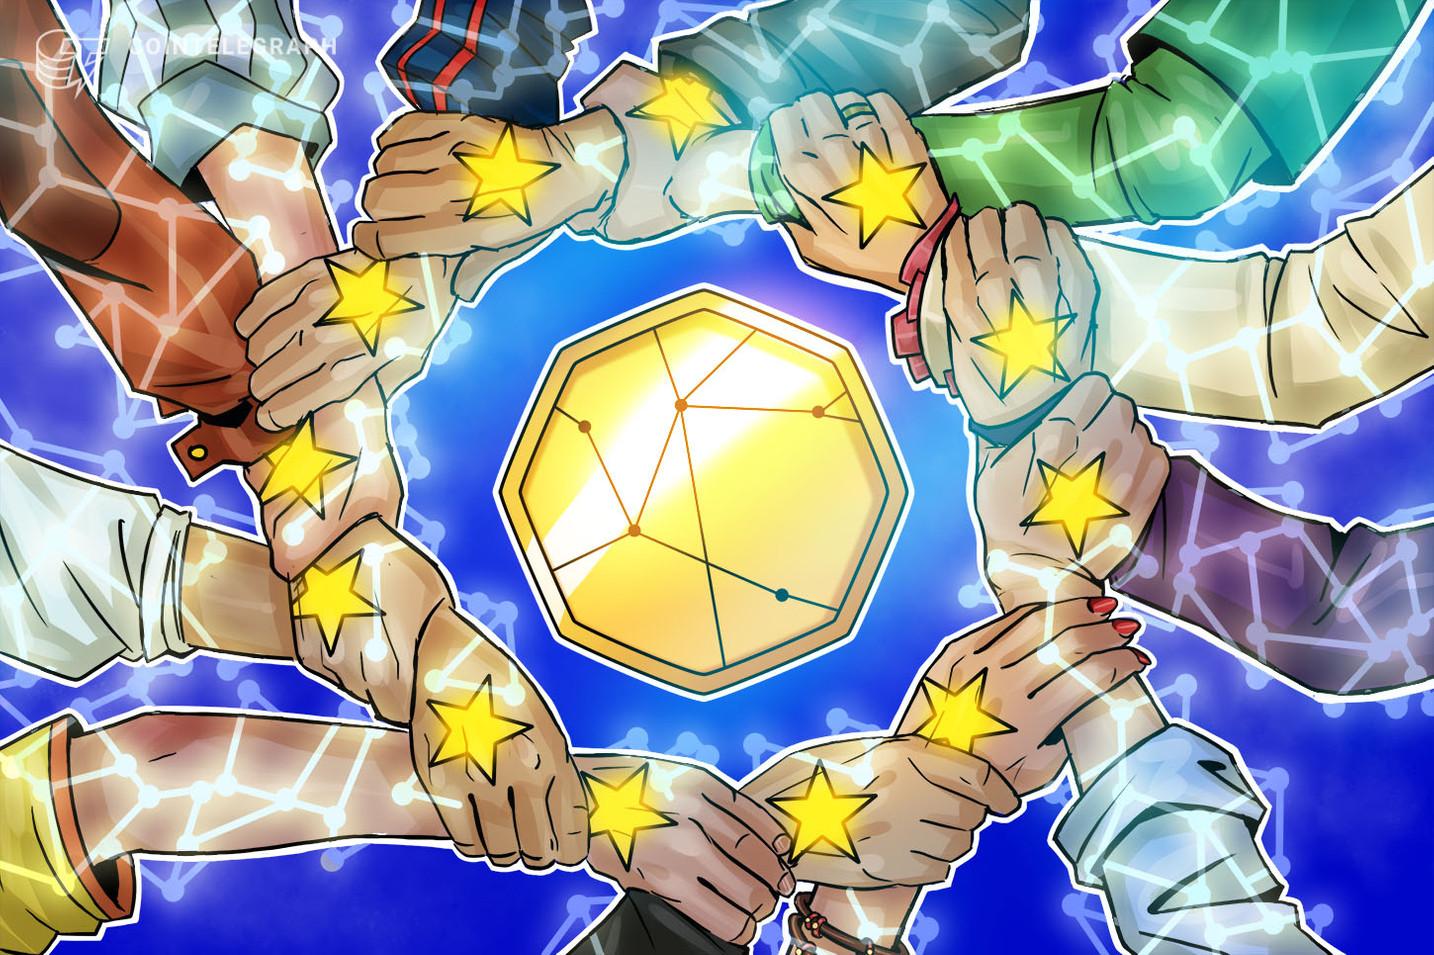 El 63% de los europeos dice que las criptos existirán en 10 años, pero solo el 49% cree en Bitcoin